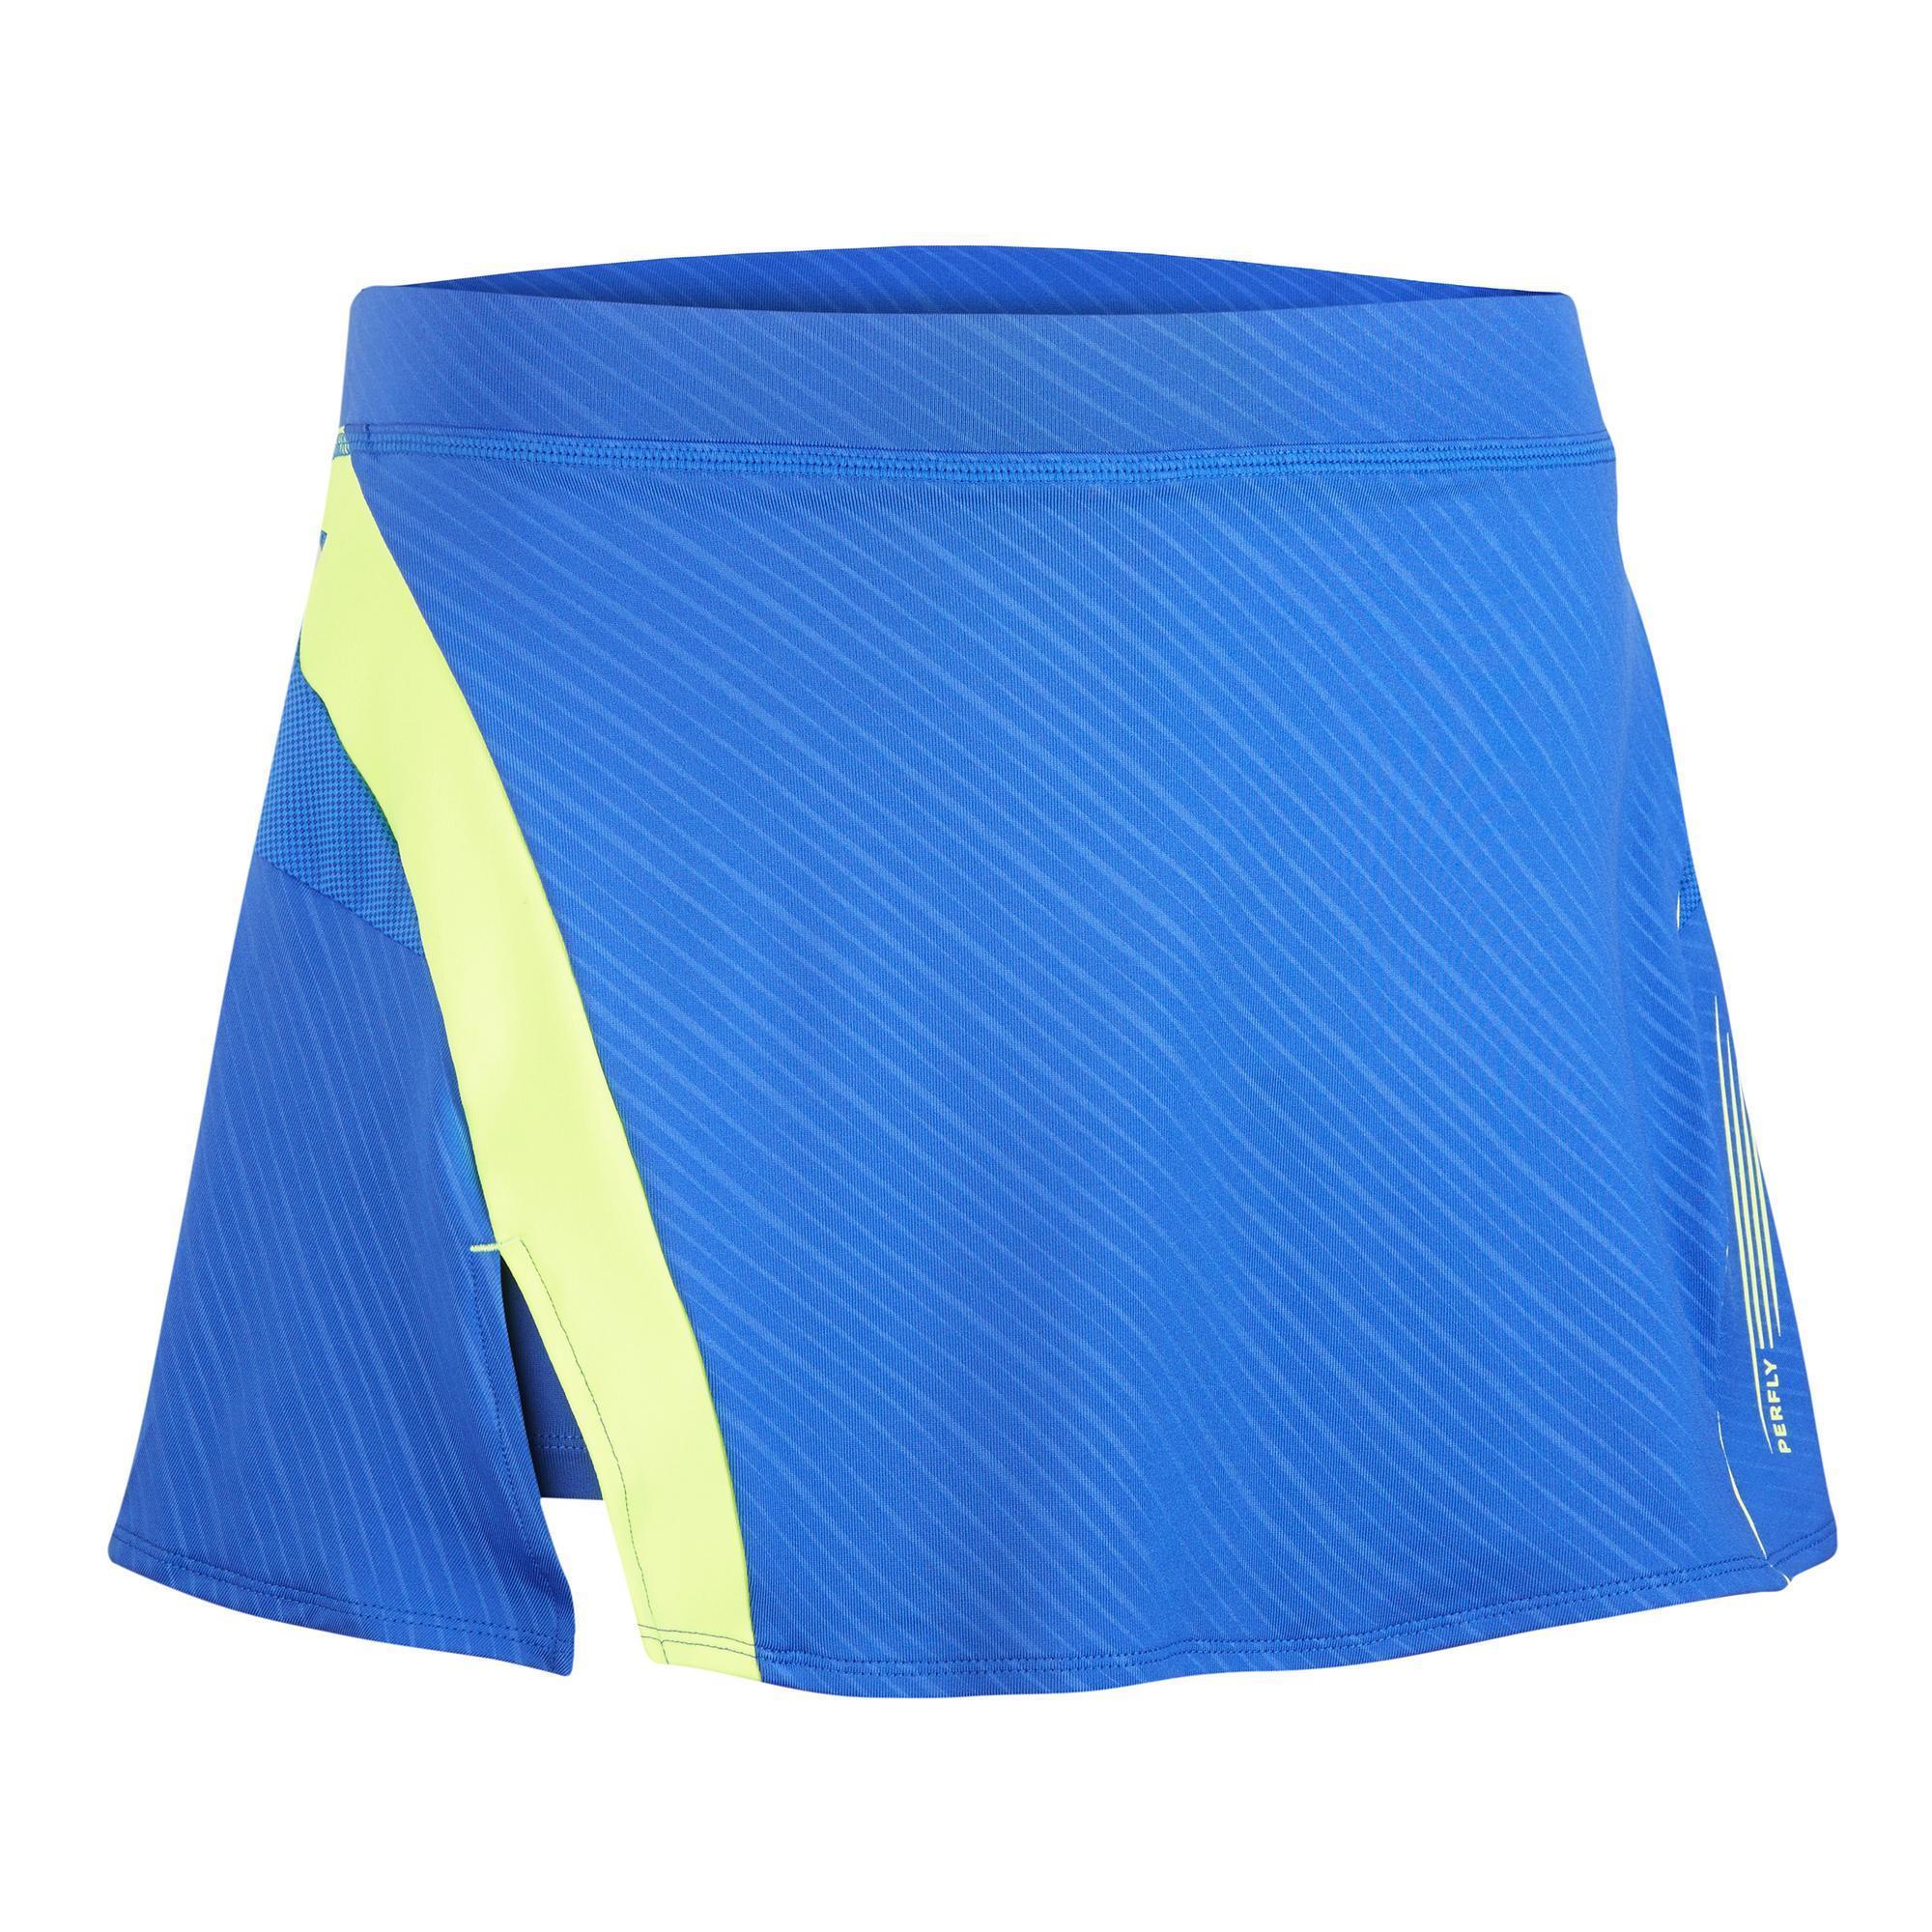 Sportrock 560 Damen blau/gelb | Bekleidung > Röcke > Sportröcke | Blau - Gelb | Perfly